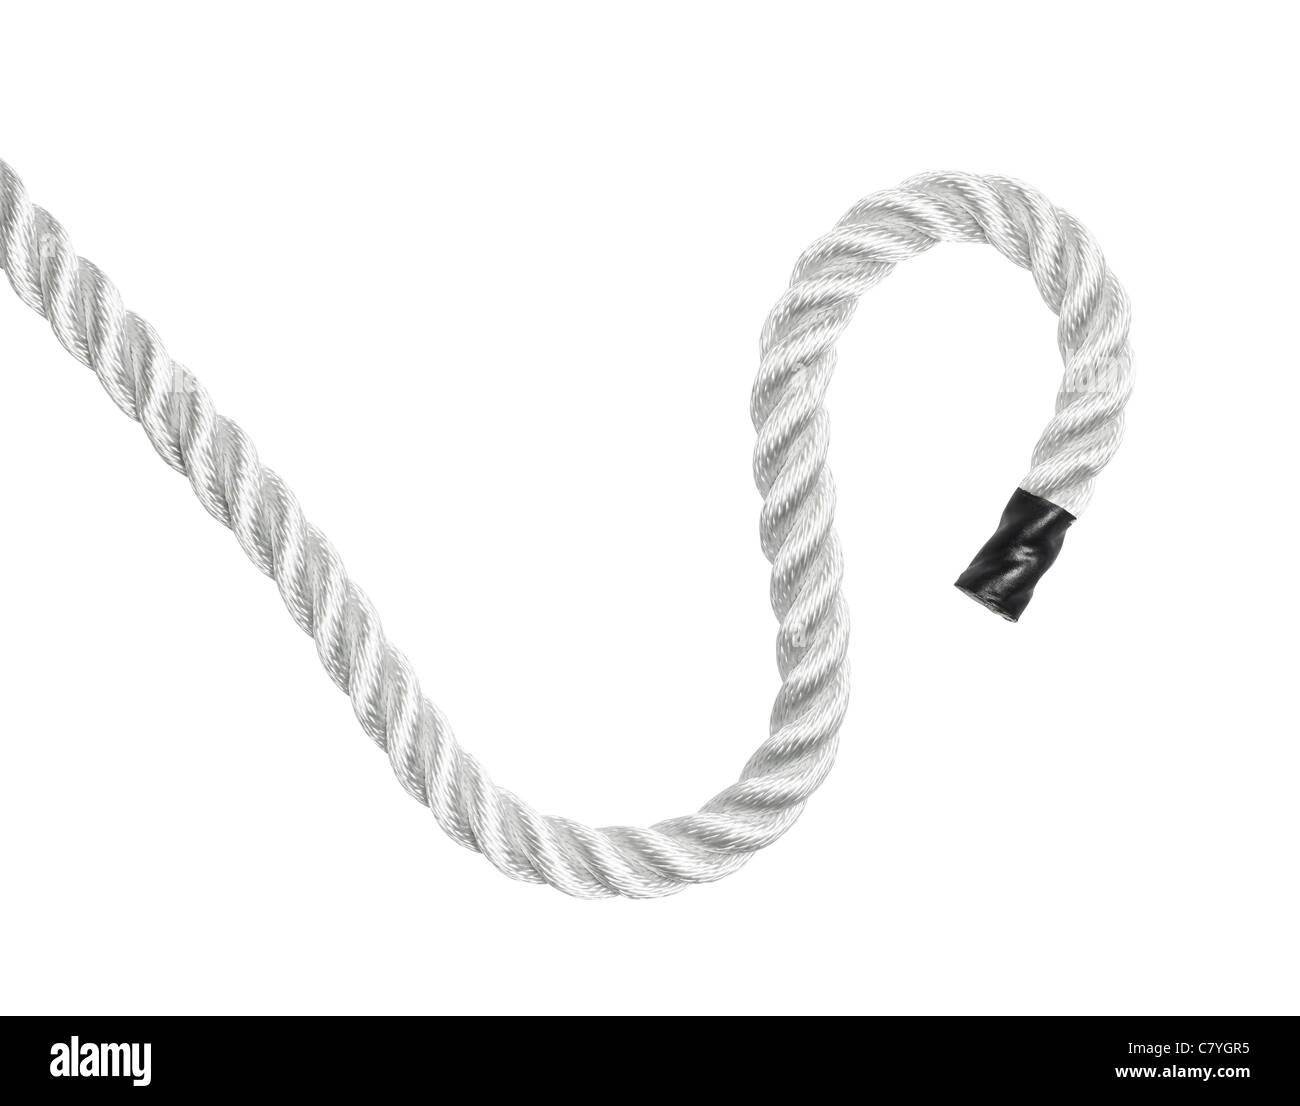 Final de una cuerda aislado en blanco Imagen De Stock